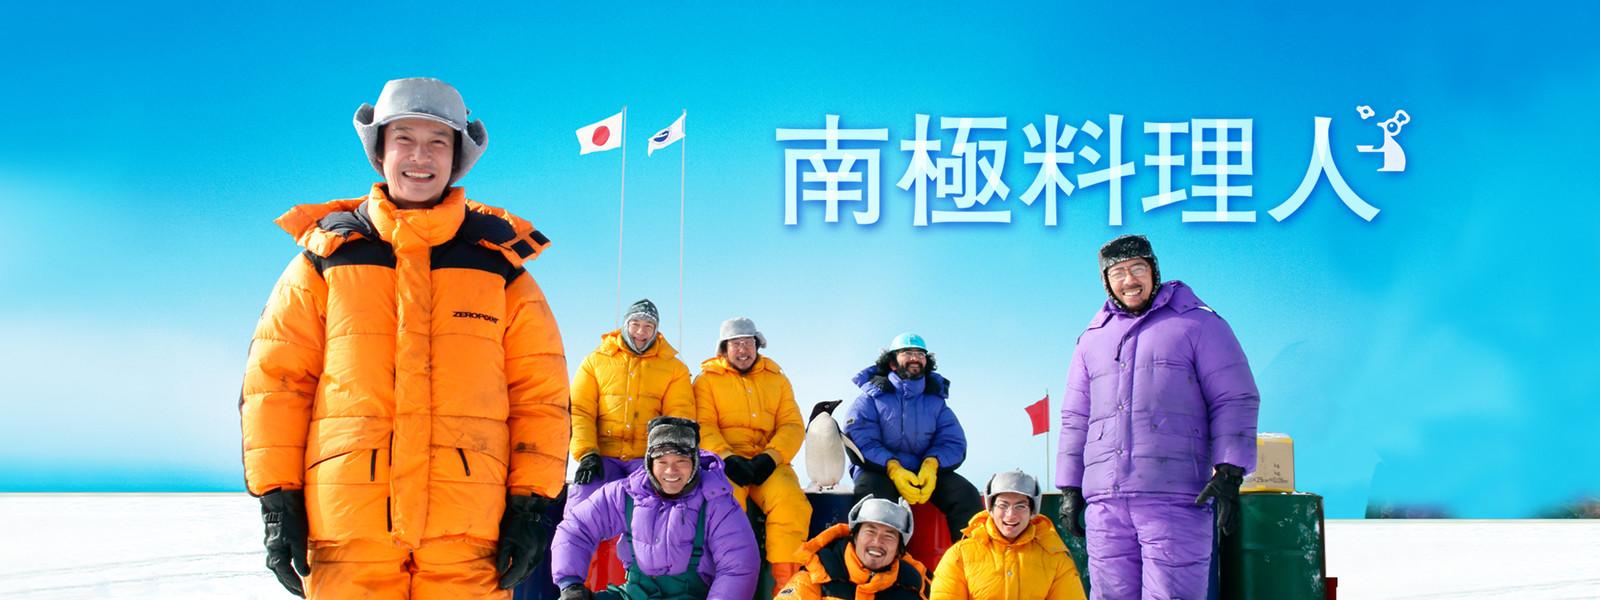 南極料理人はどれで配信してる?